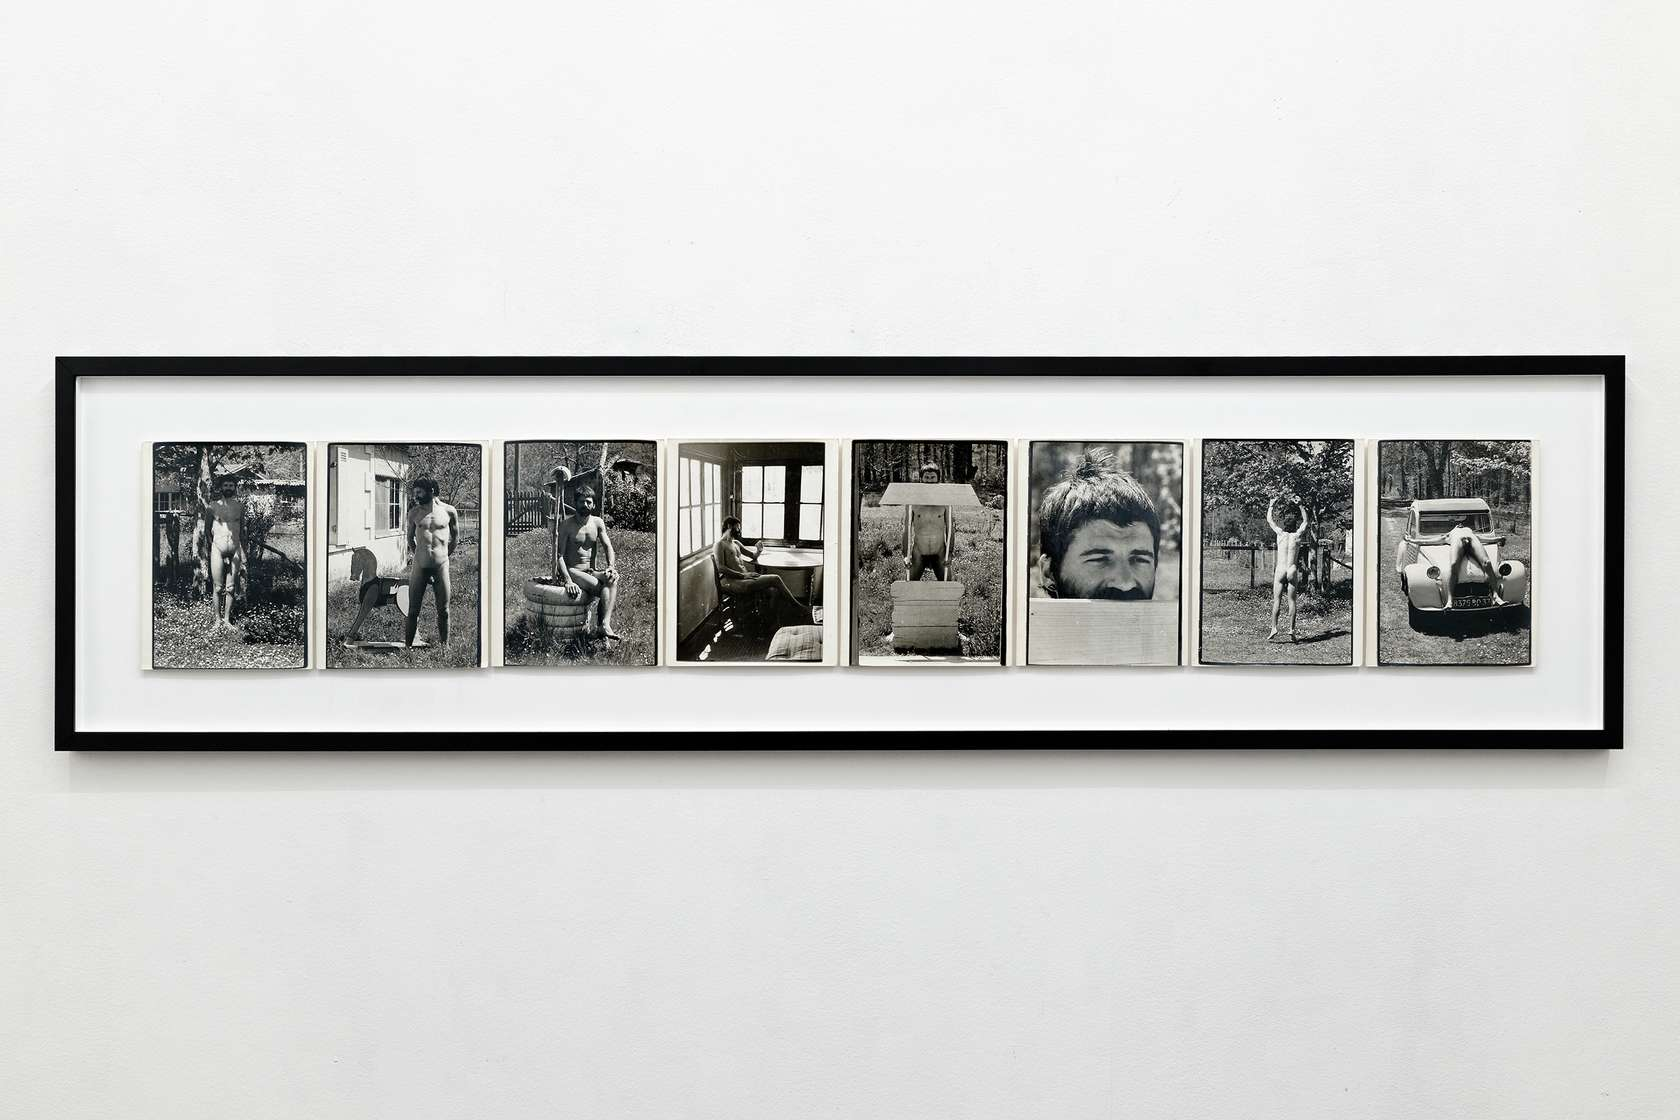 Présence Panchounette, Mission Appolo, 1974 Tirage argentique original d'époque24 × 18 cm / 9 1/2 × 7 1/8 in.